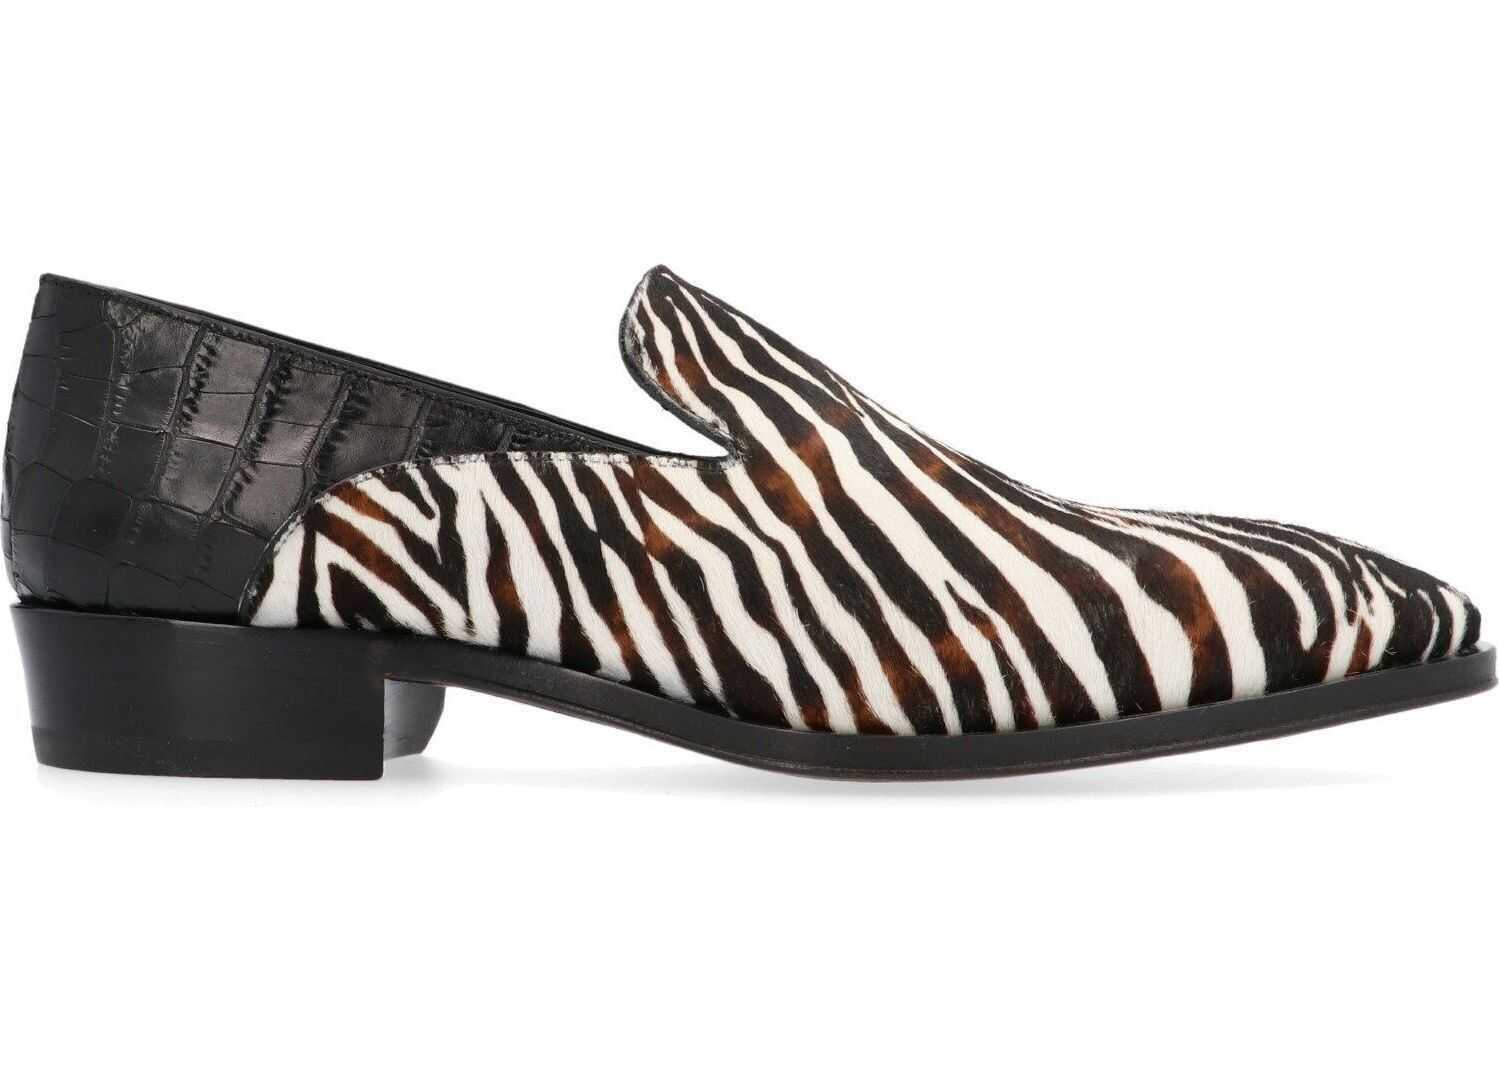 Giuseppe Zanotti Leather Loafers MULTICOLOR